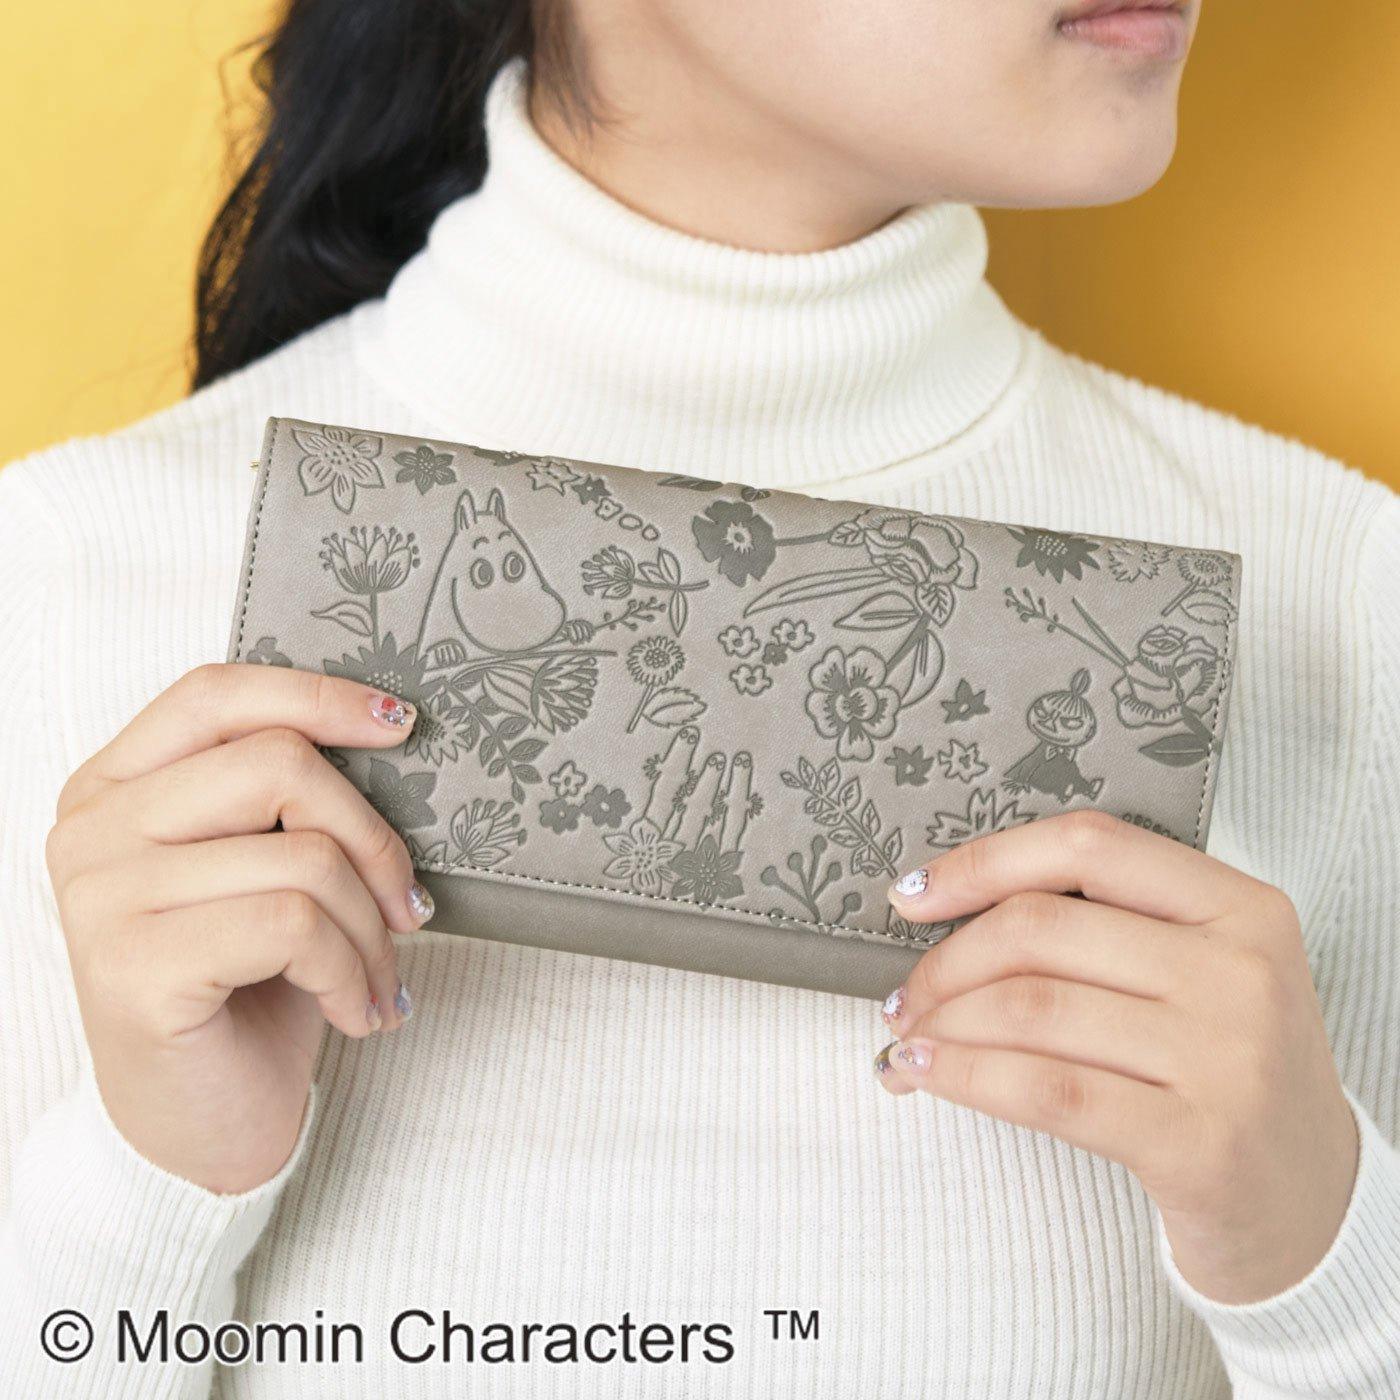 ムーミンと仲間たち 大人かわいい 型押し7つ星財布